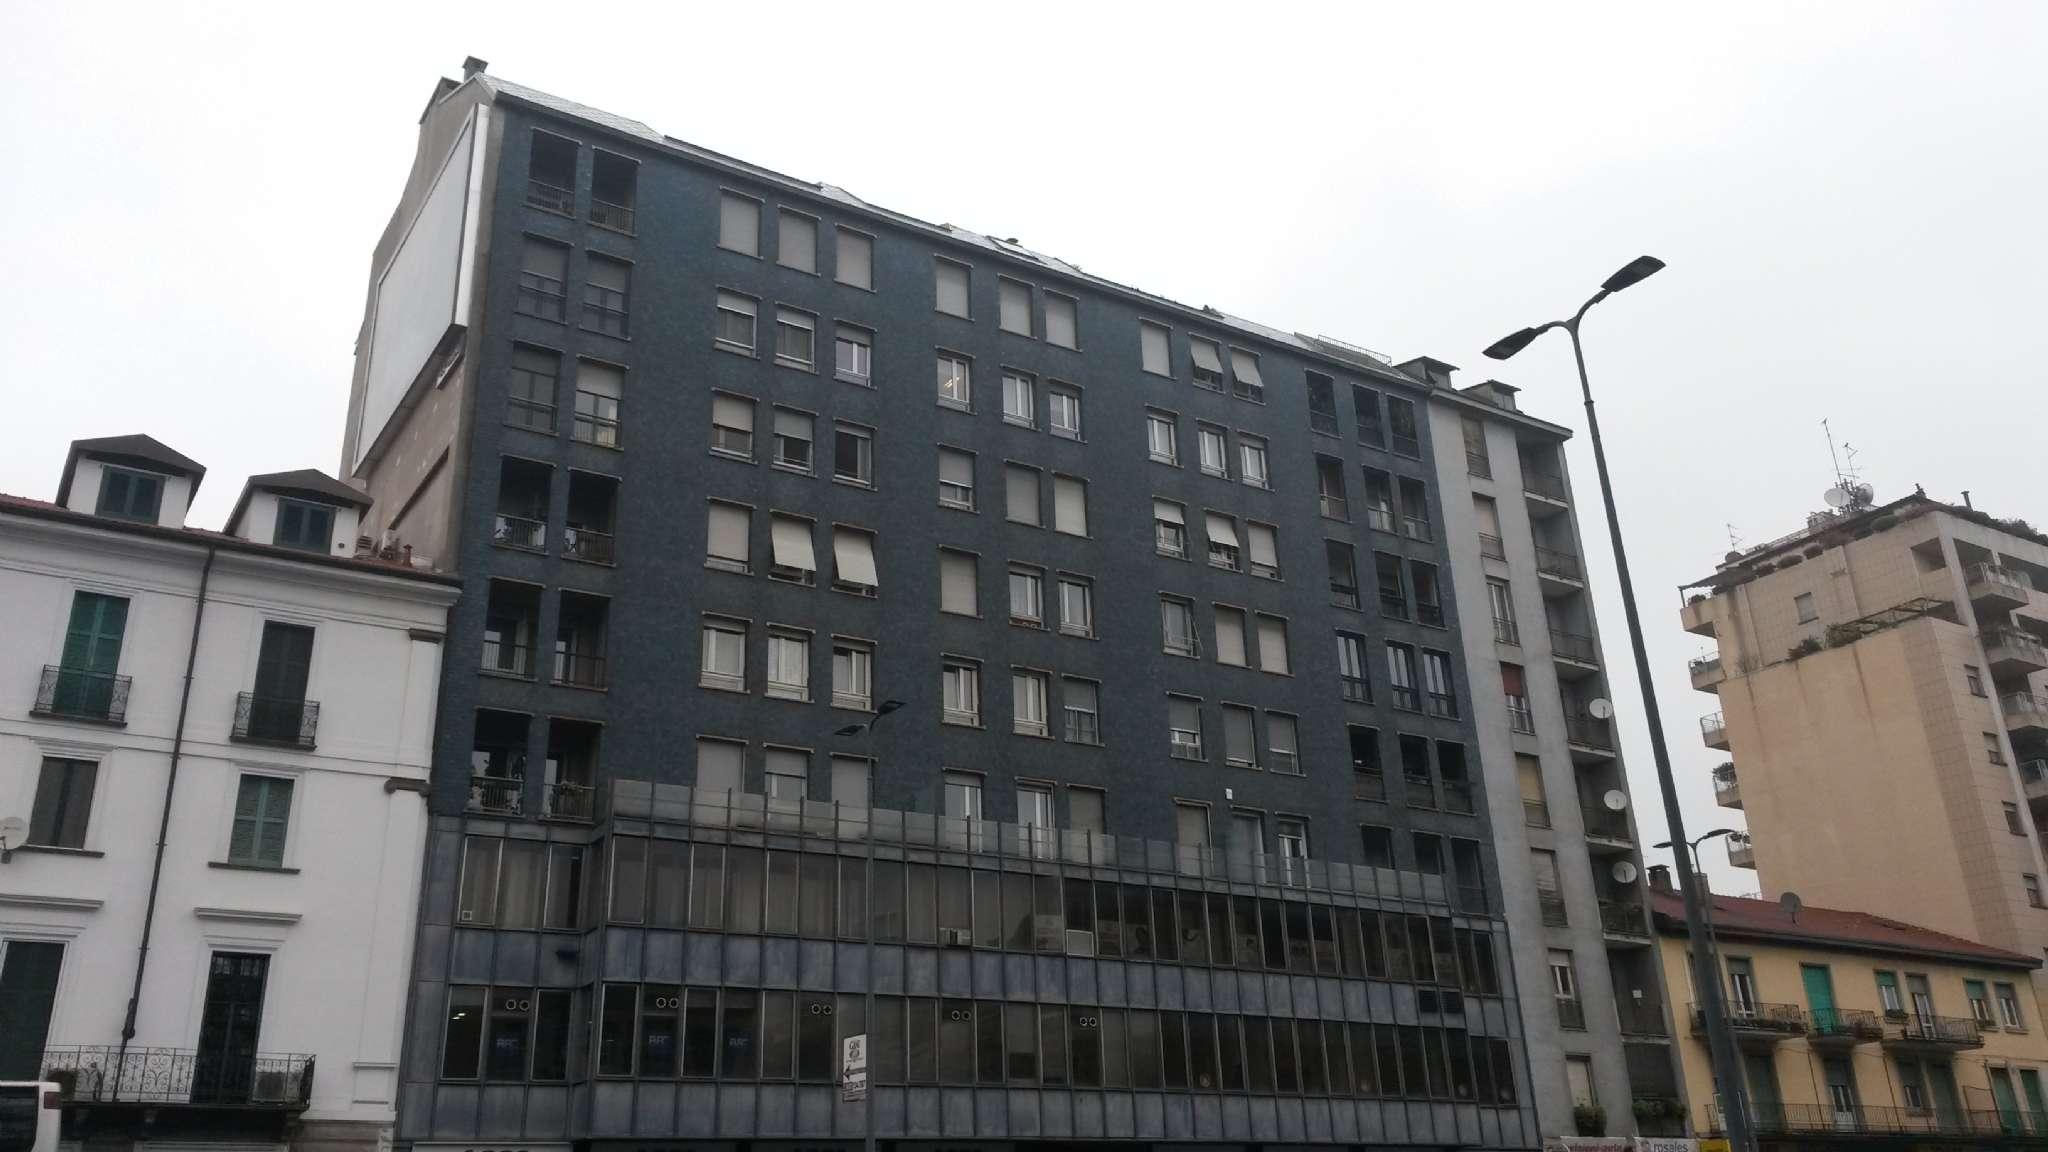 Appartamento in vendita a Milano, 2 locali, zona Zona: 2 . Repubblica, Stazione Centrale, P.ta Nuova, B. Marcello, prezzo € 200.000 | Cambio Casa.it